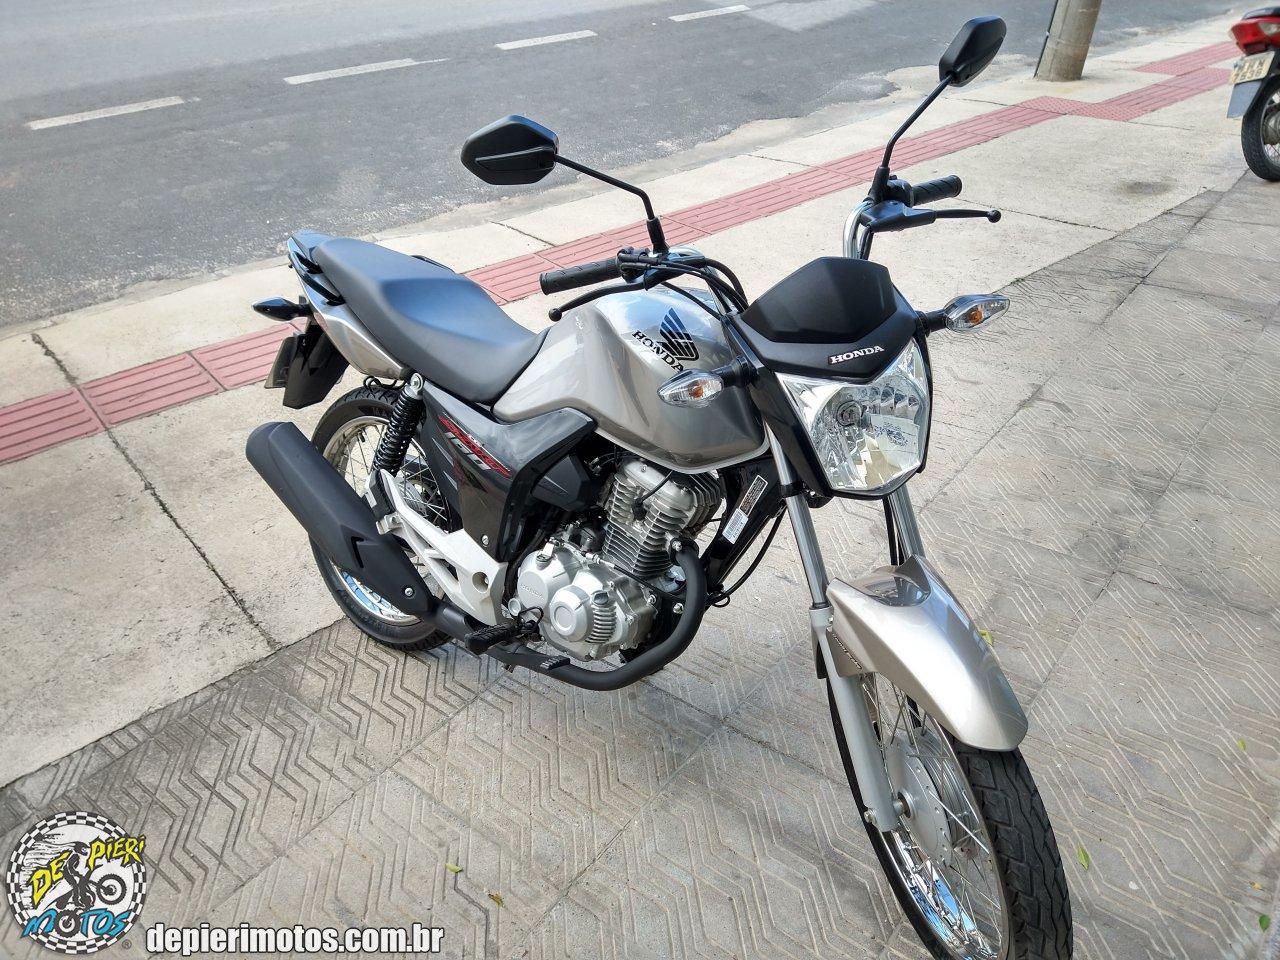 HONDA CG 160 START   Ano: 2020   R$11.500,00   De Pieri Motos